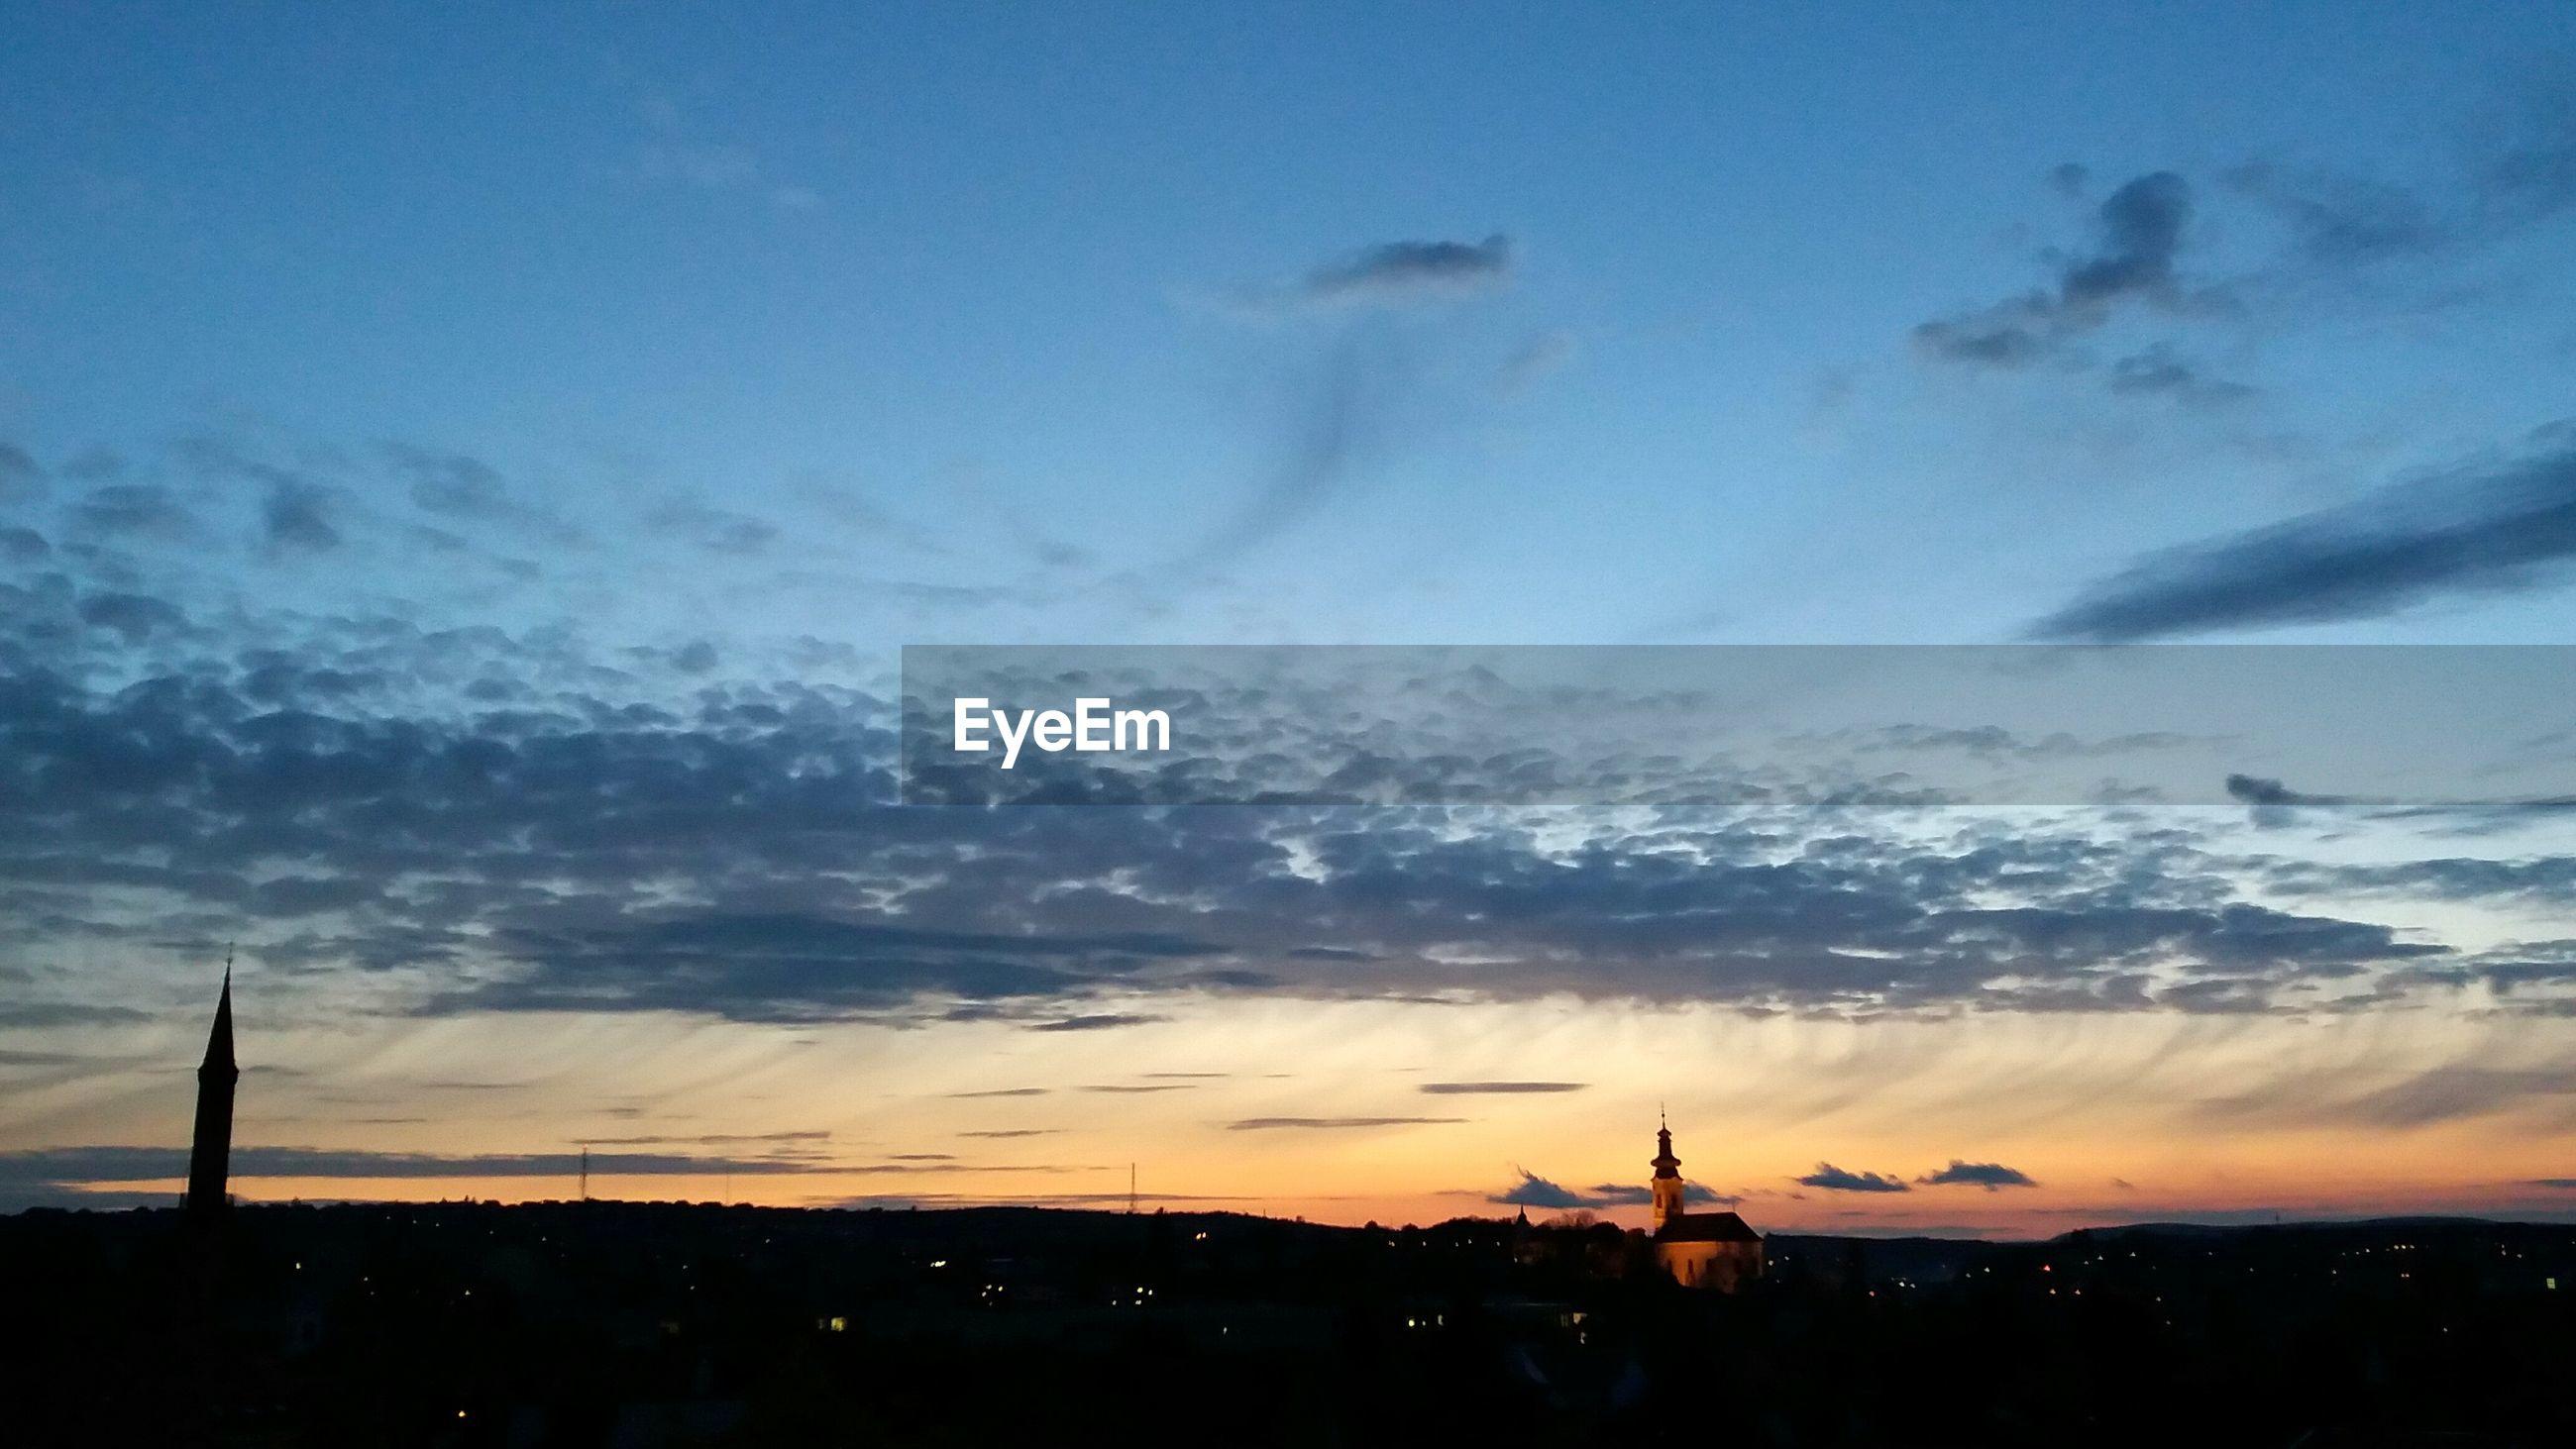 Silhouette eger against sky during sunset